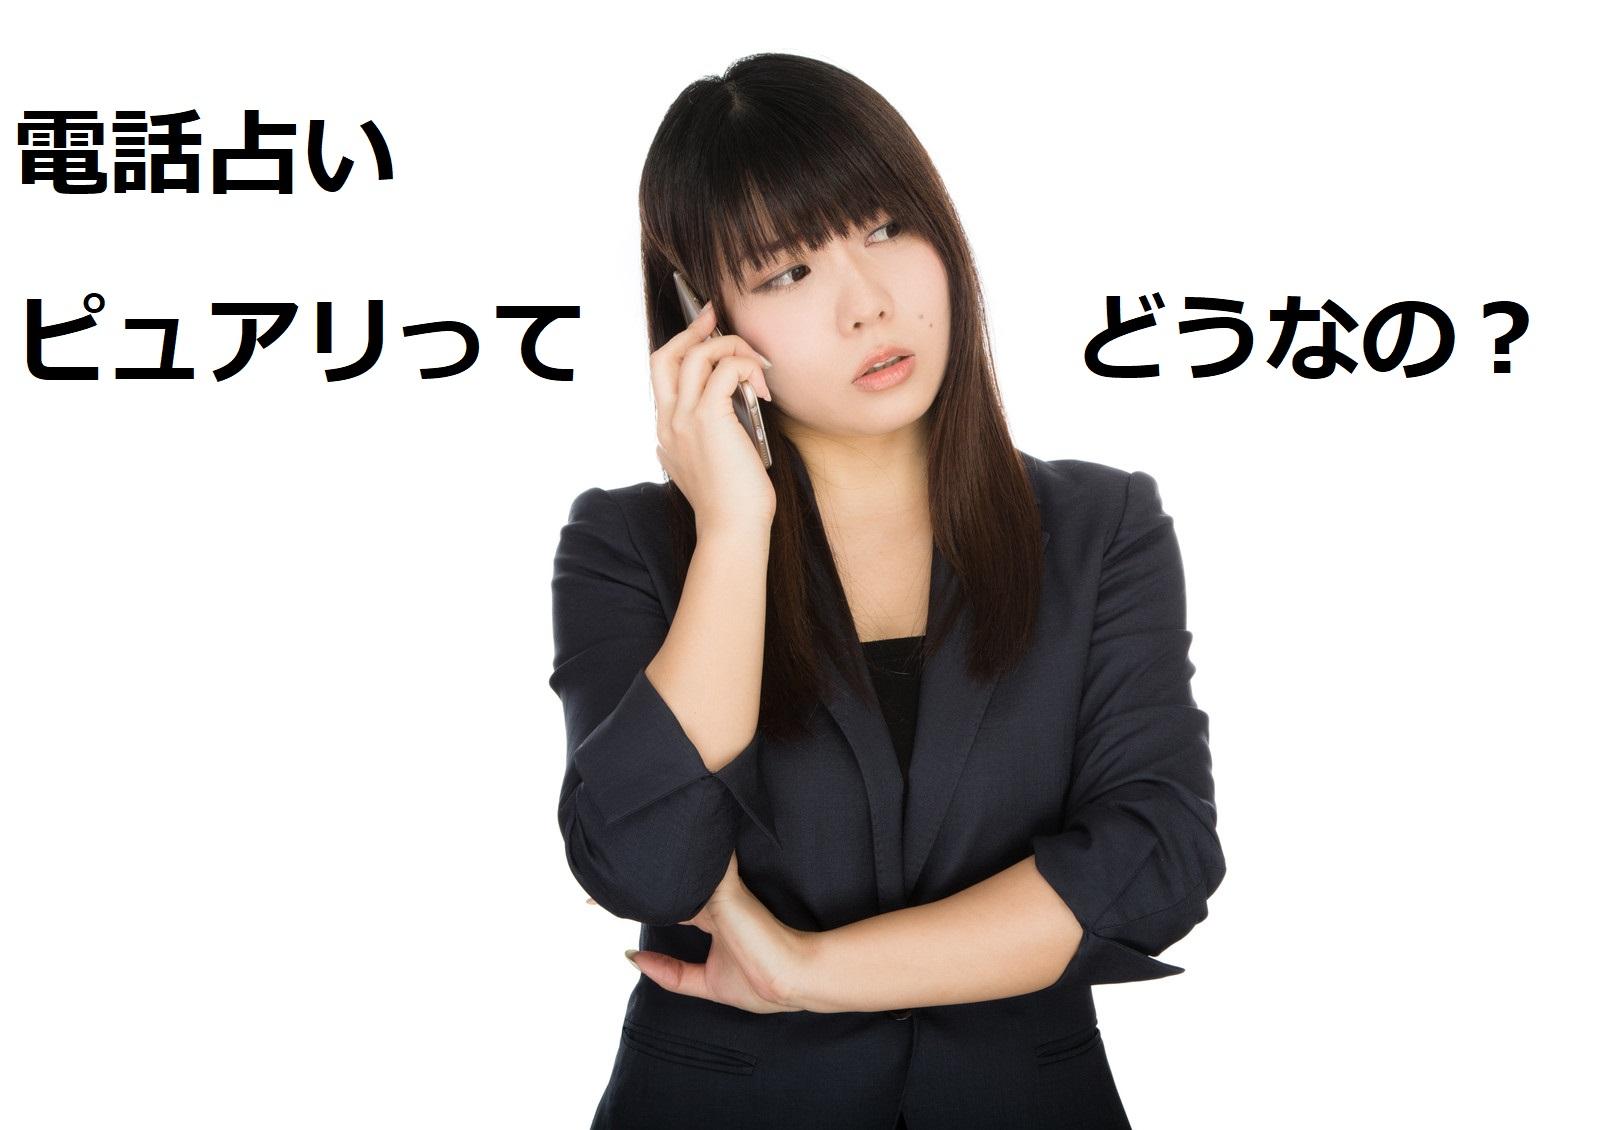 電話占いを疑う女性